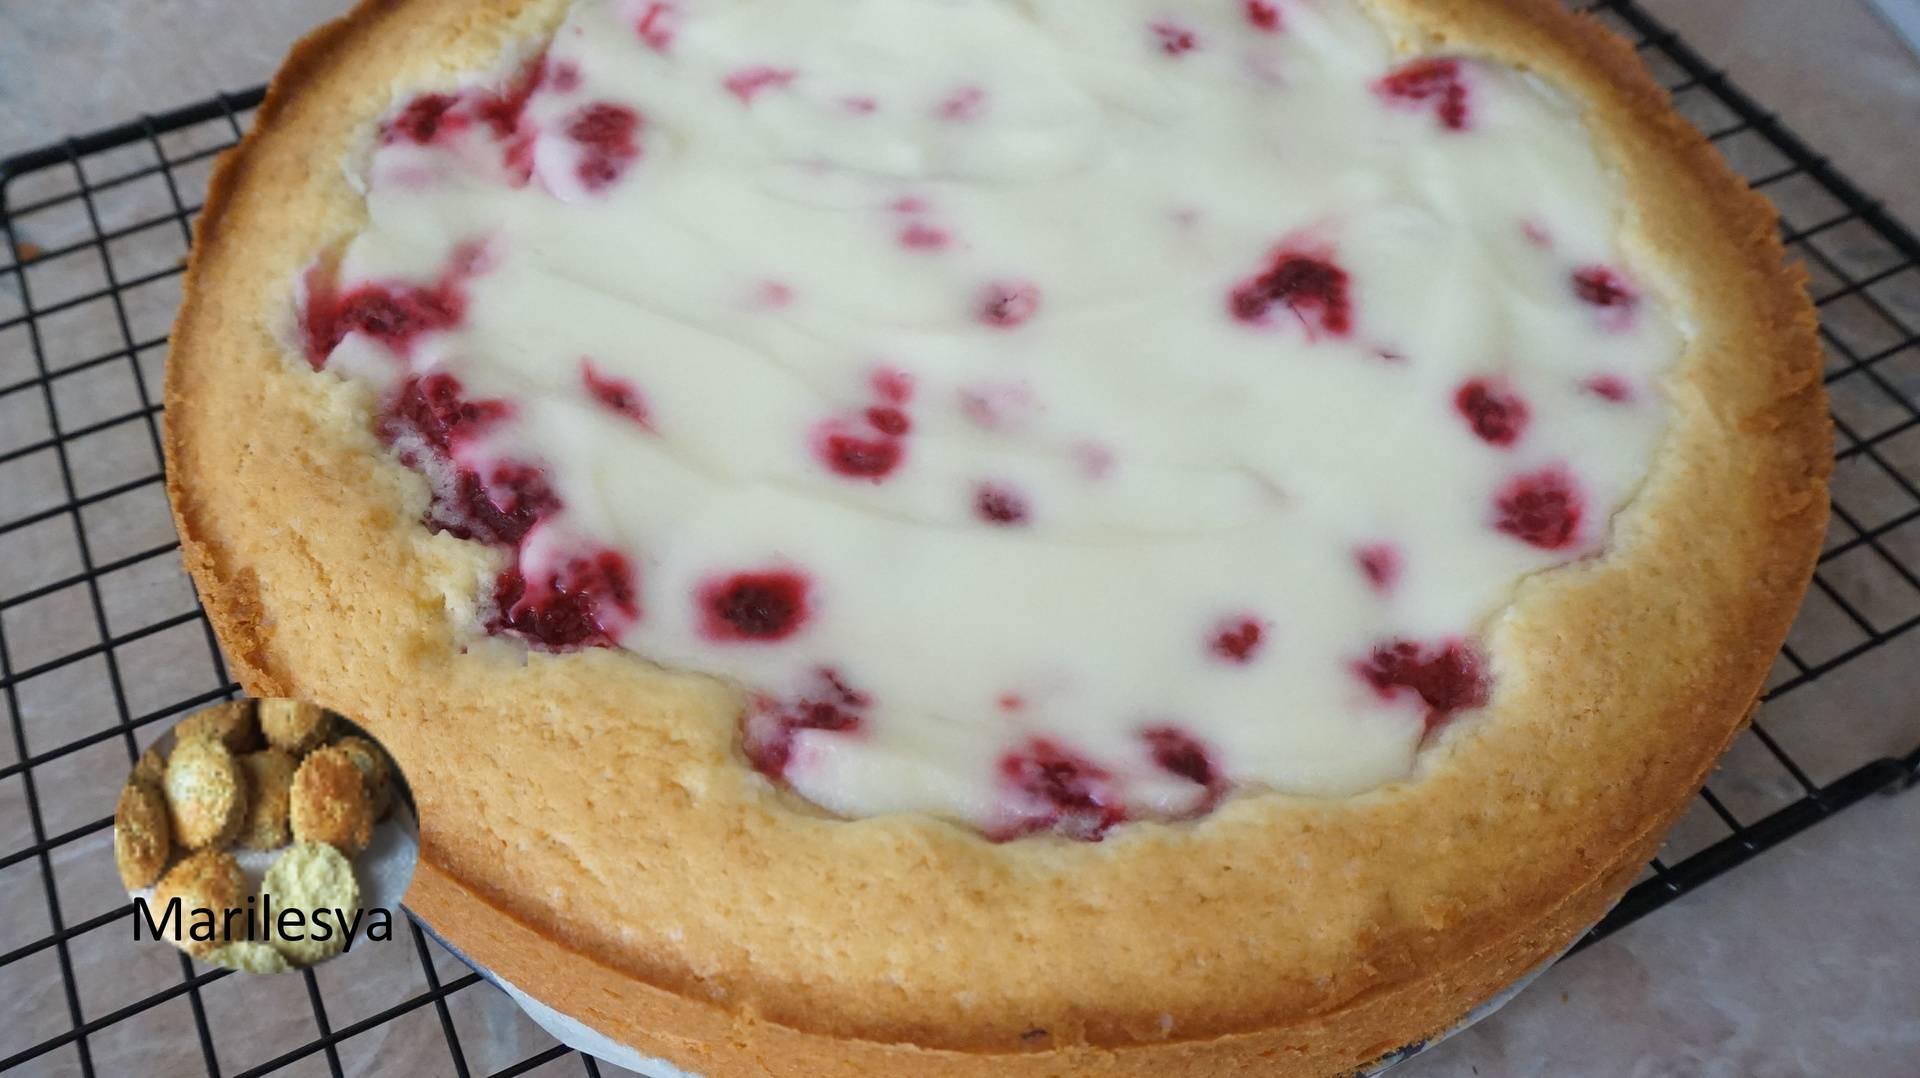 Рассыпчатый пирог со сливой в заливке - 10 пошаговых фото в рецепте